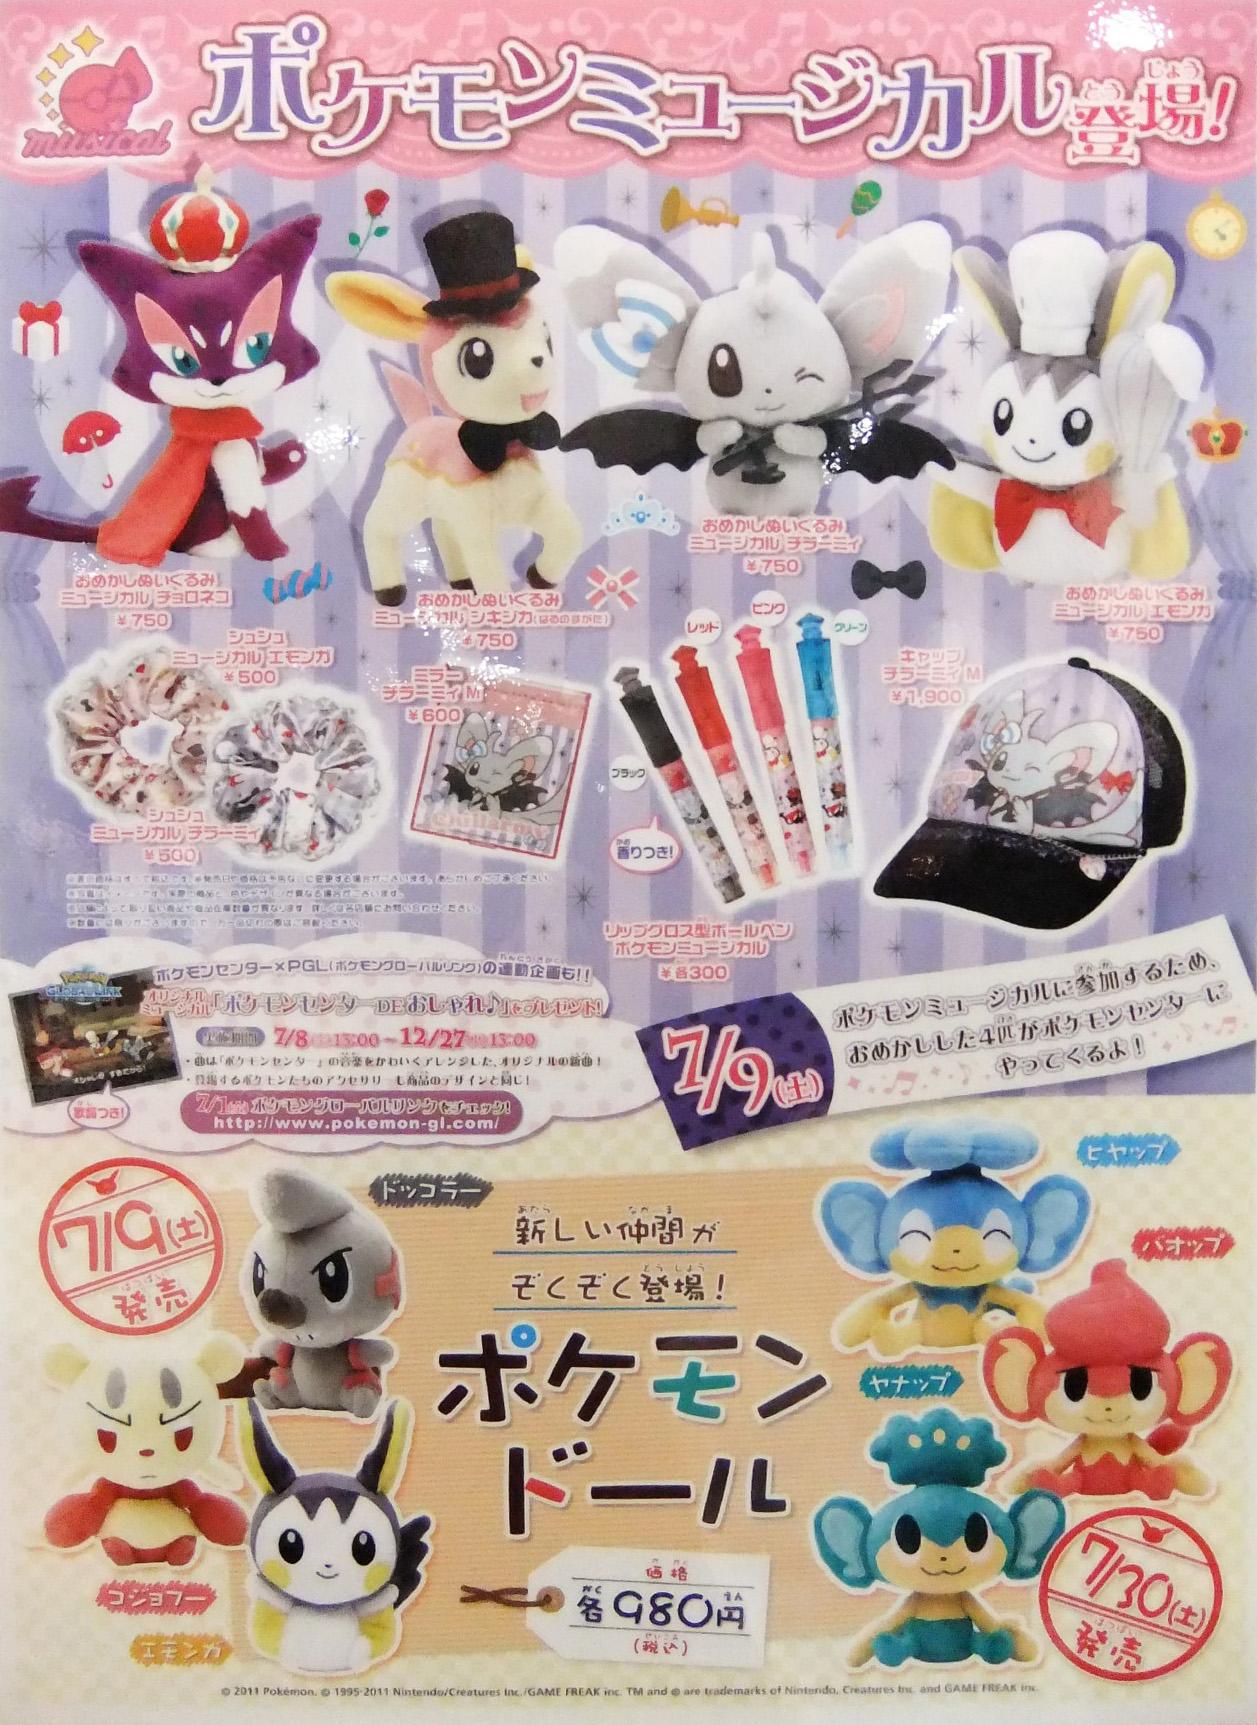 Http Www Pokemon Gl Com : pokemon, Pokémon, Center, Style♪, Musical, Movie, Global, Event, Pocketmonsters.Net